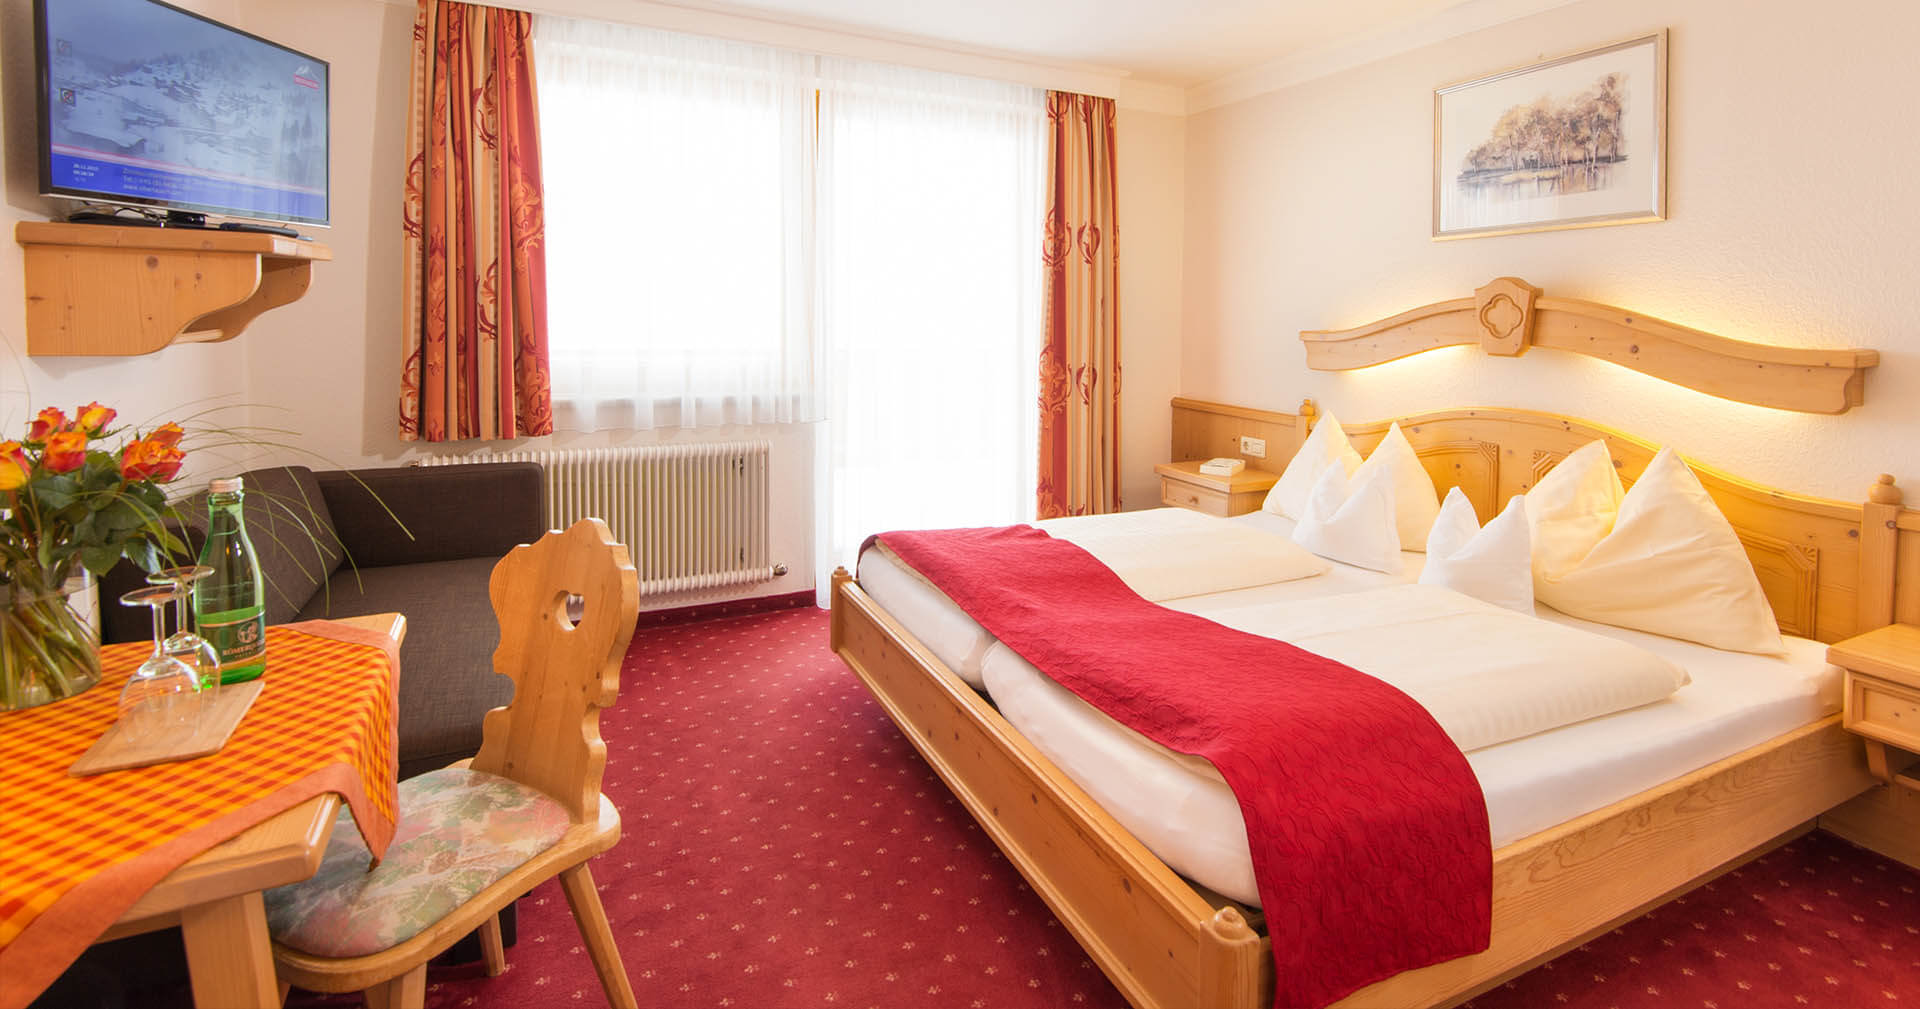 Hotel neben der Piste in Obertauern - Hotelzimmer - Hotel Binggl